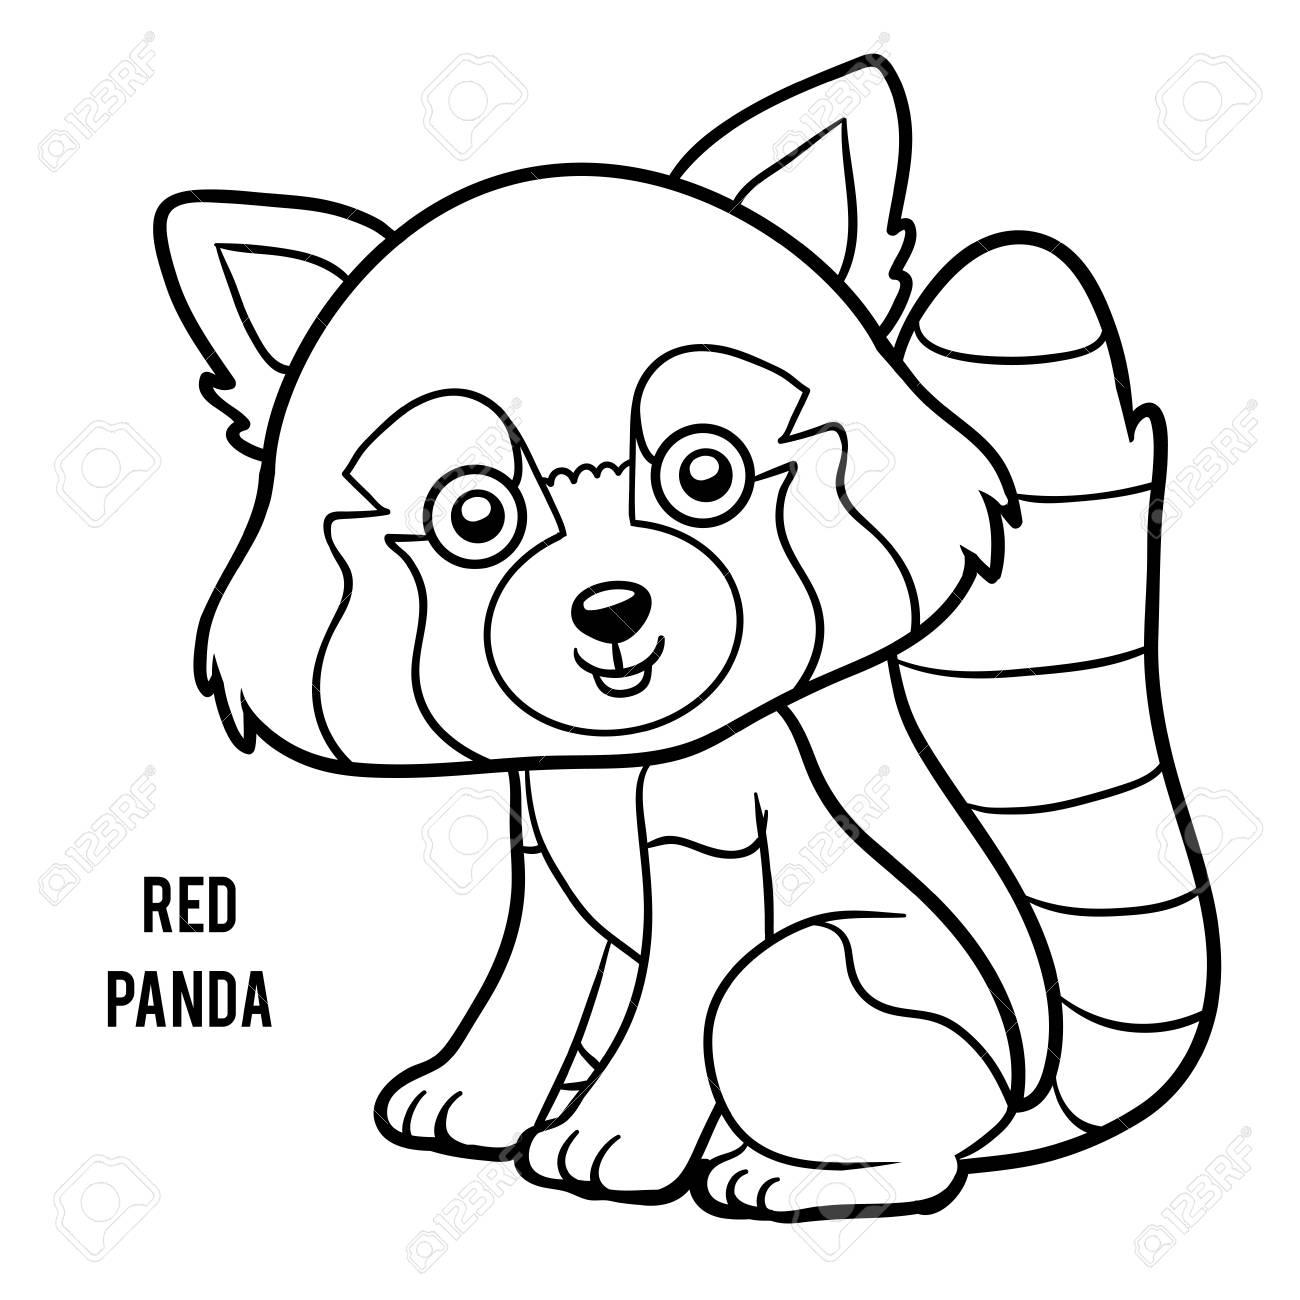 Dibujo Para Colorear Para Niños, Panda Roja Ilustraciones ...